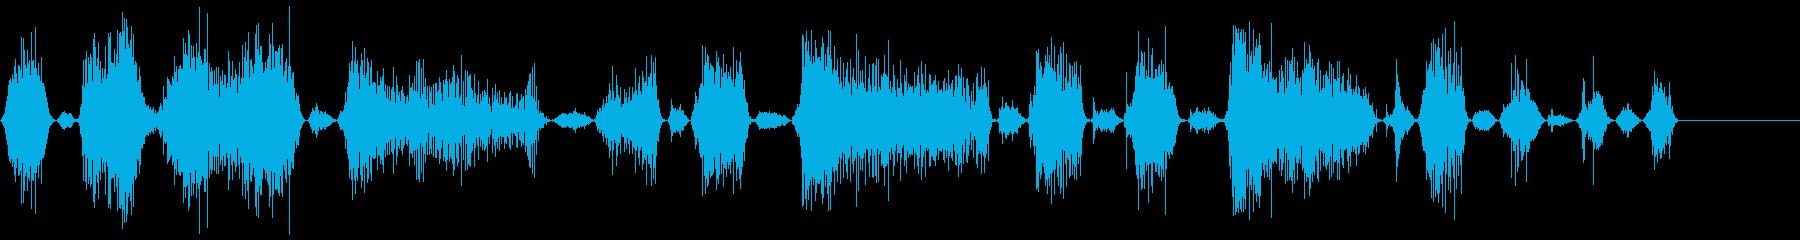 モンスターの長いうなり声1の再生済みの波形